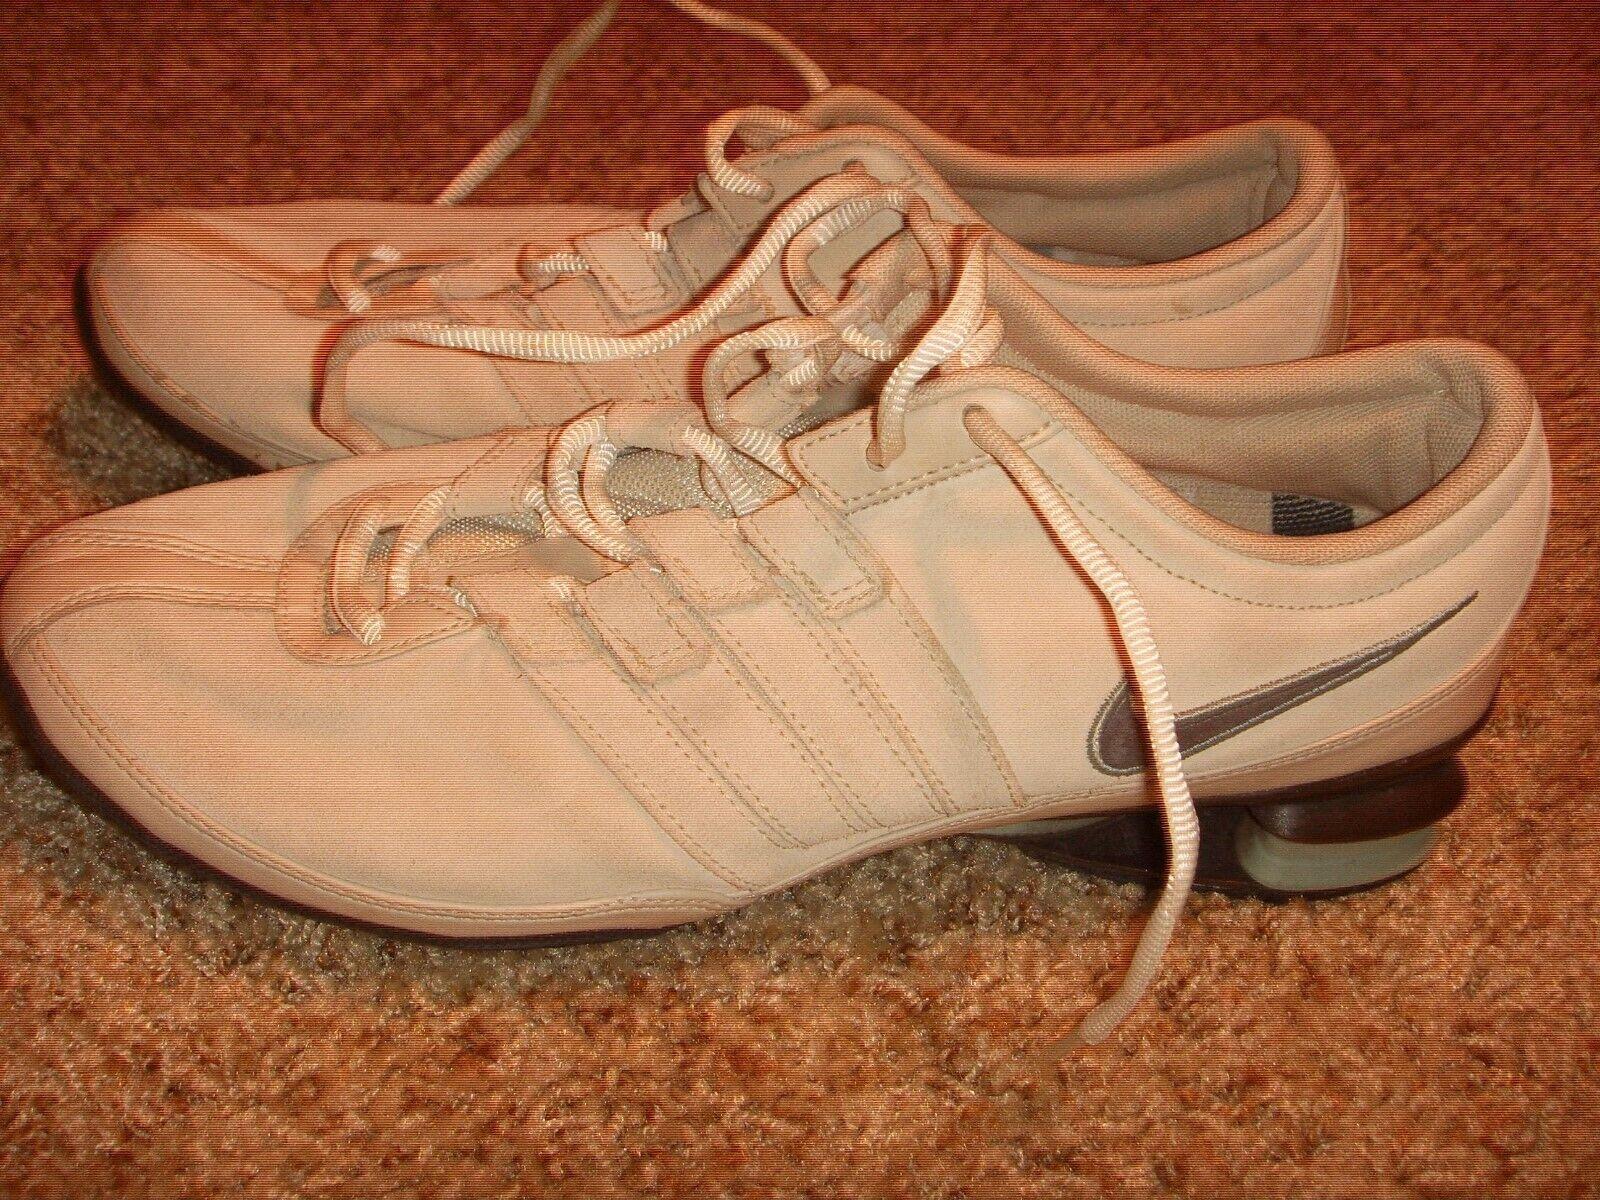 NIKE Premium Shox Running shoes Biege Suede 316572-221 Womens Size 8.5